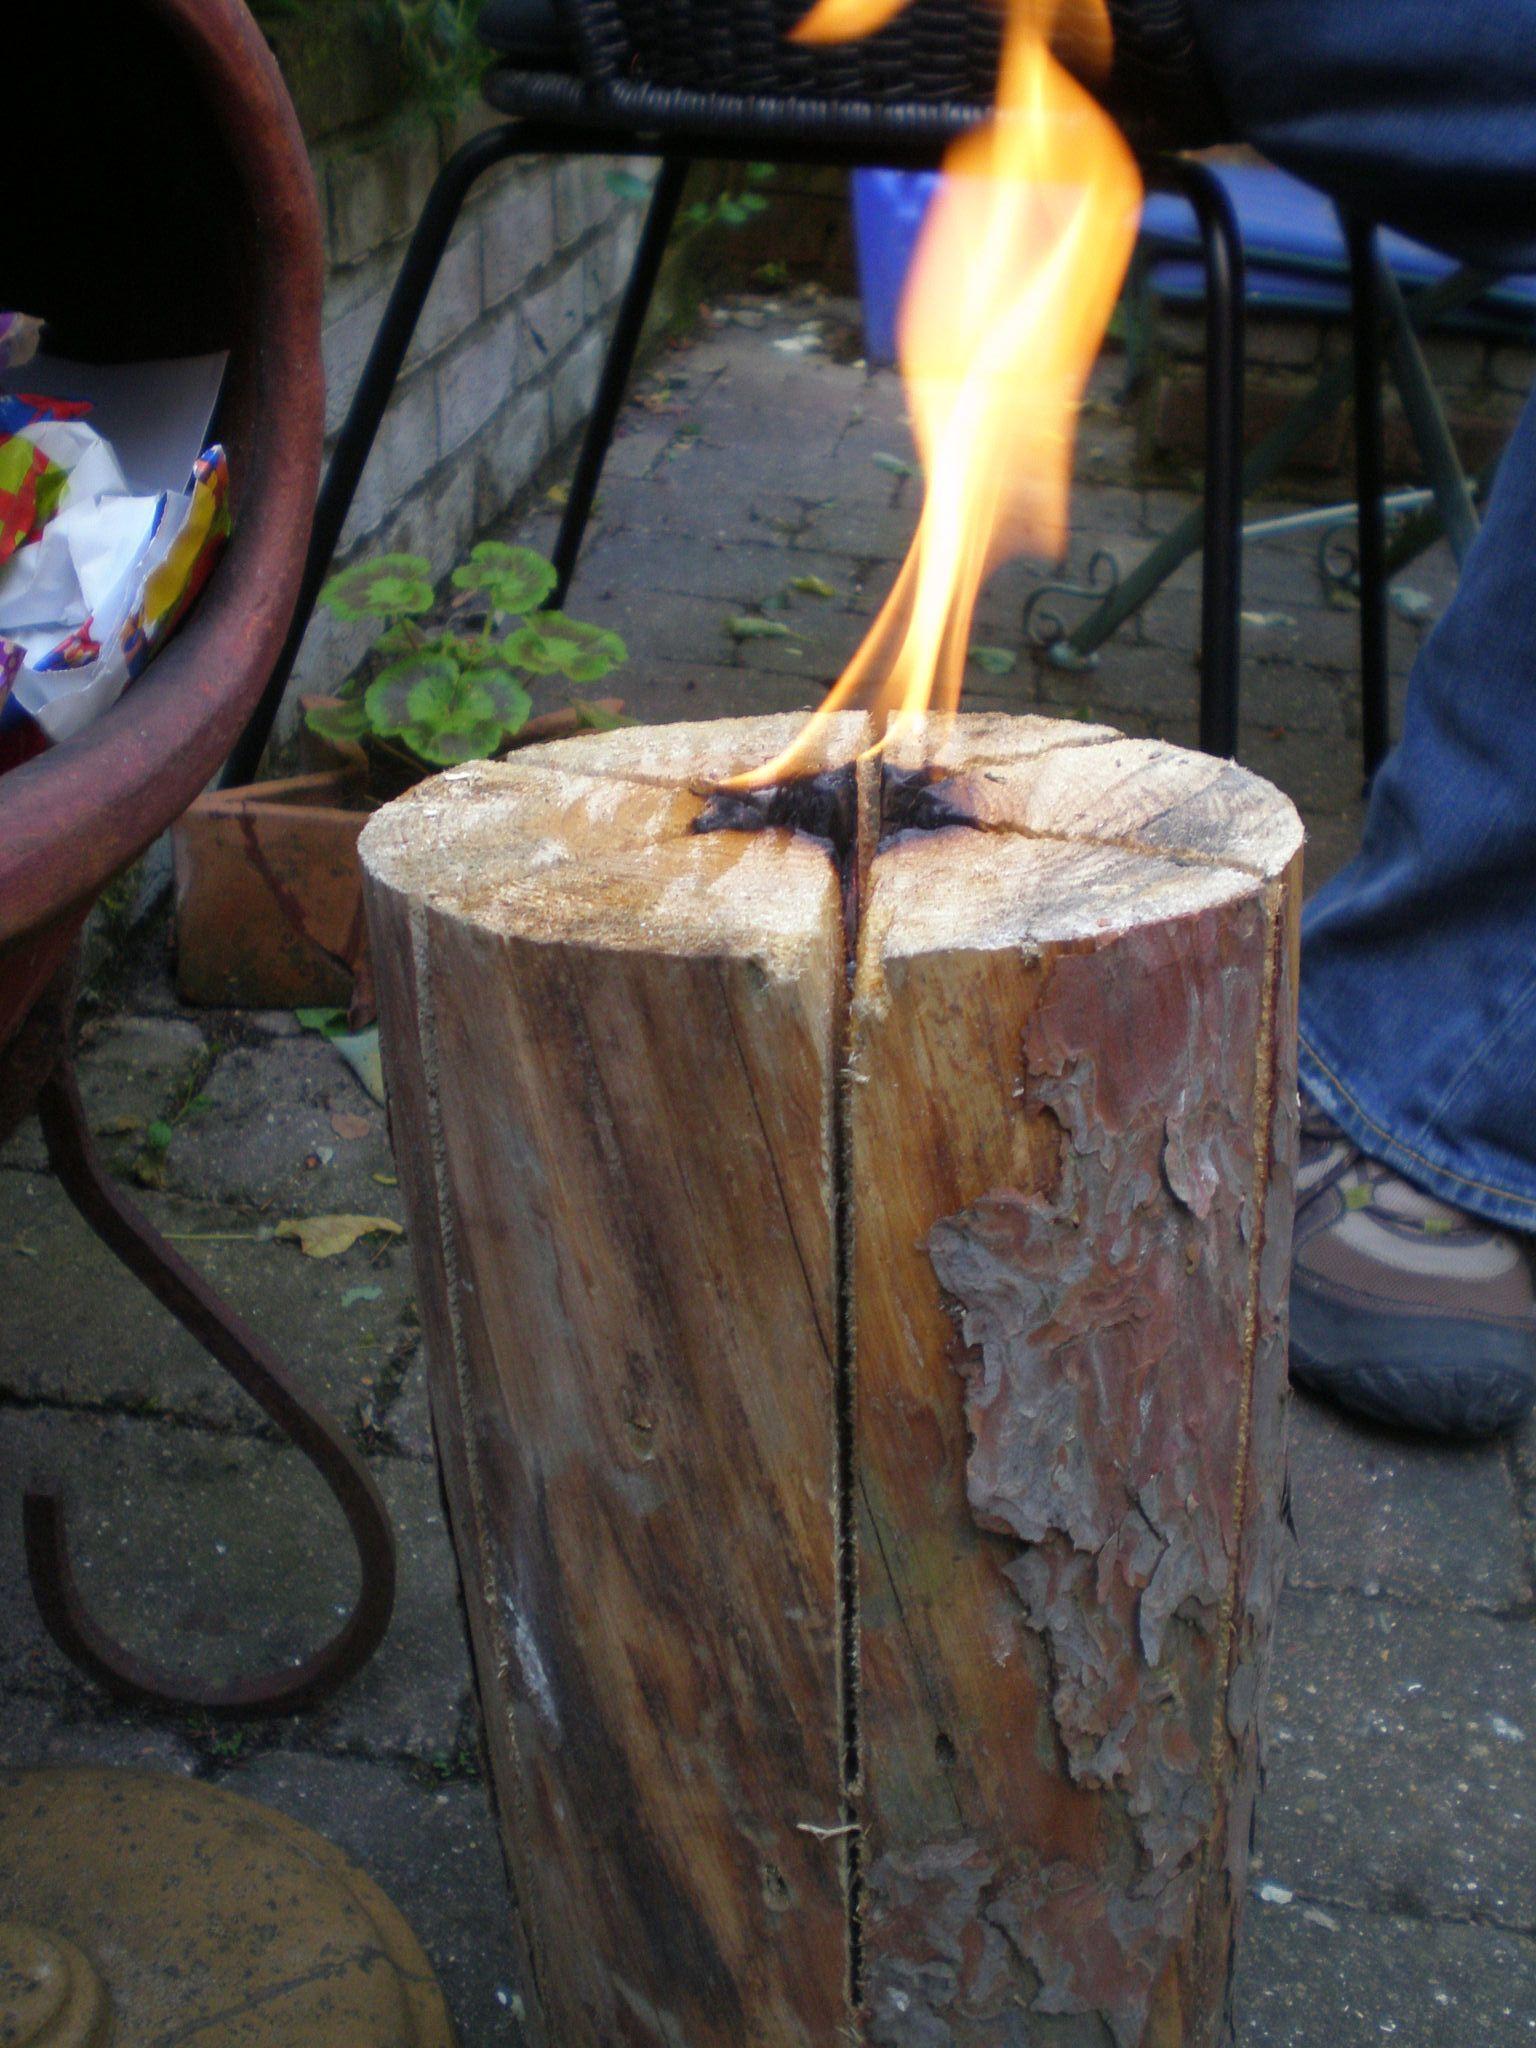 Swedish Flame A European Tiki Torch Firepit Outdoordecor Tiki Torches Outdoor Decor Fire Pit